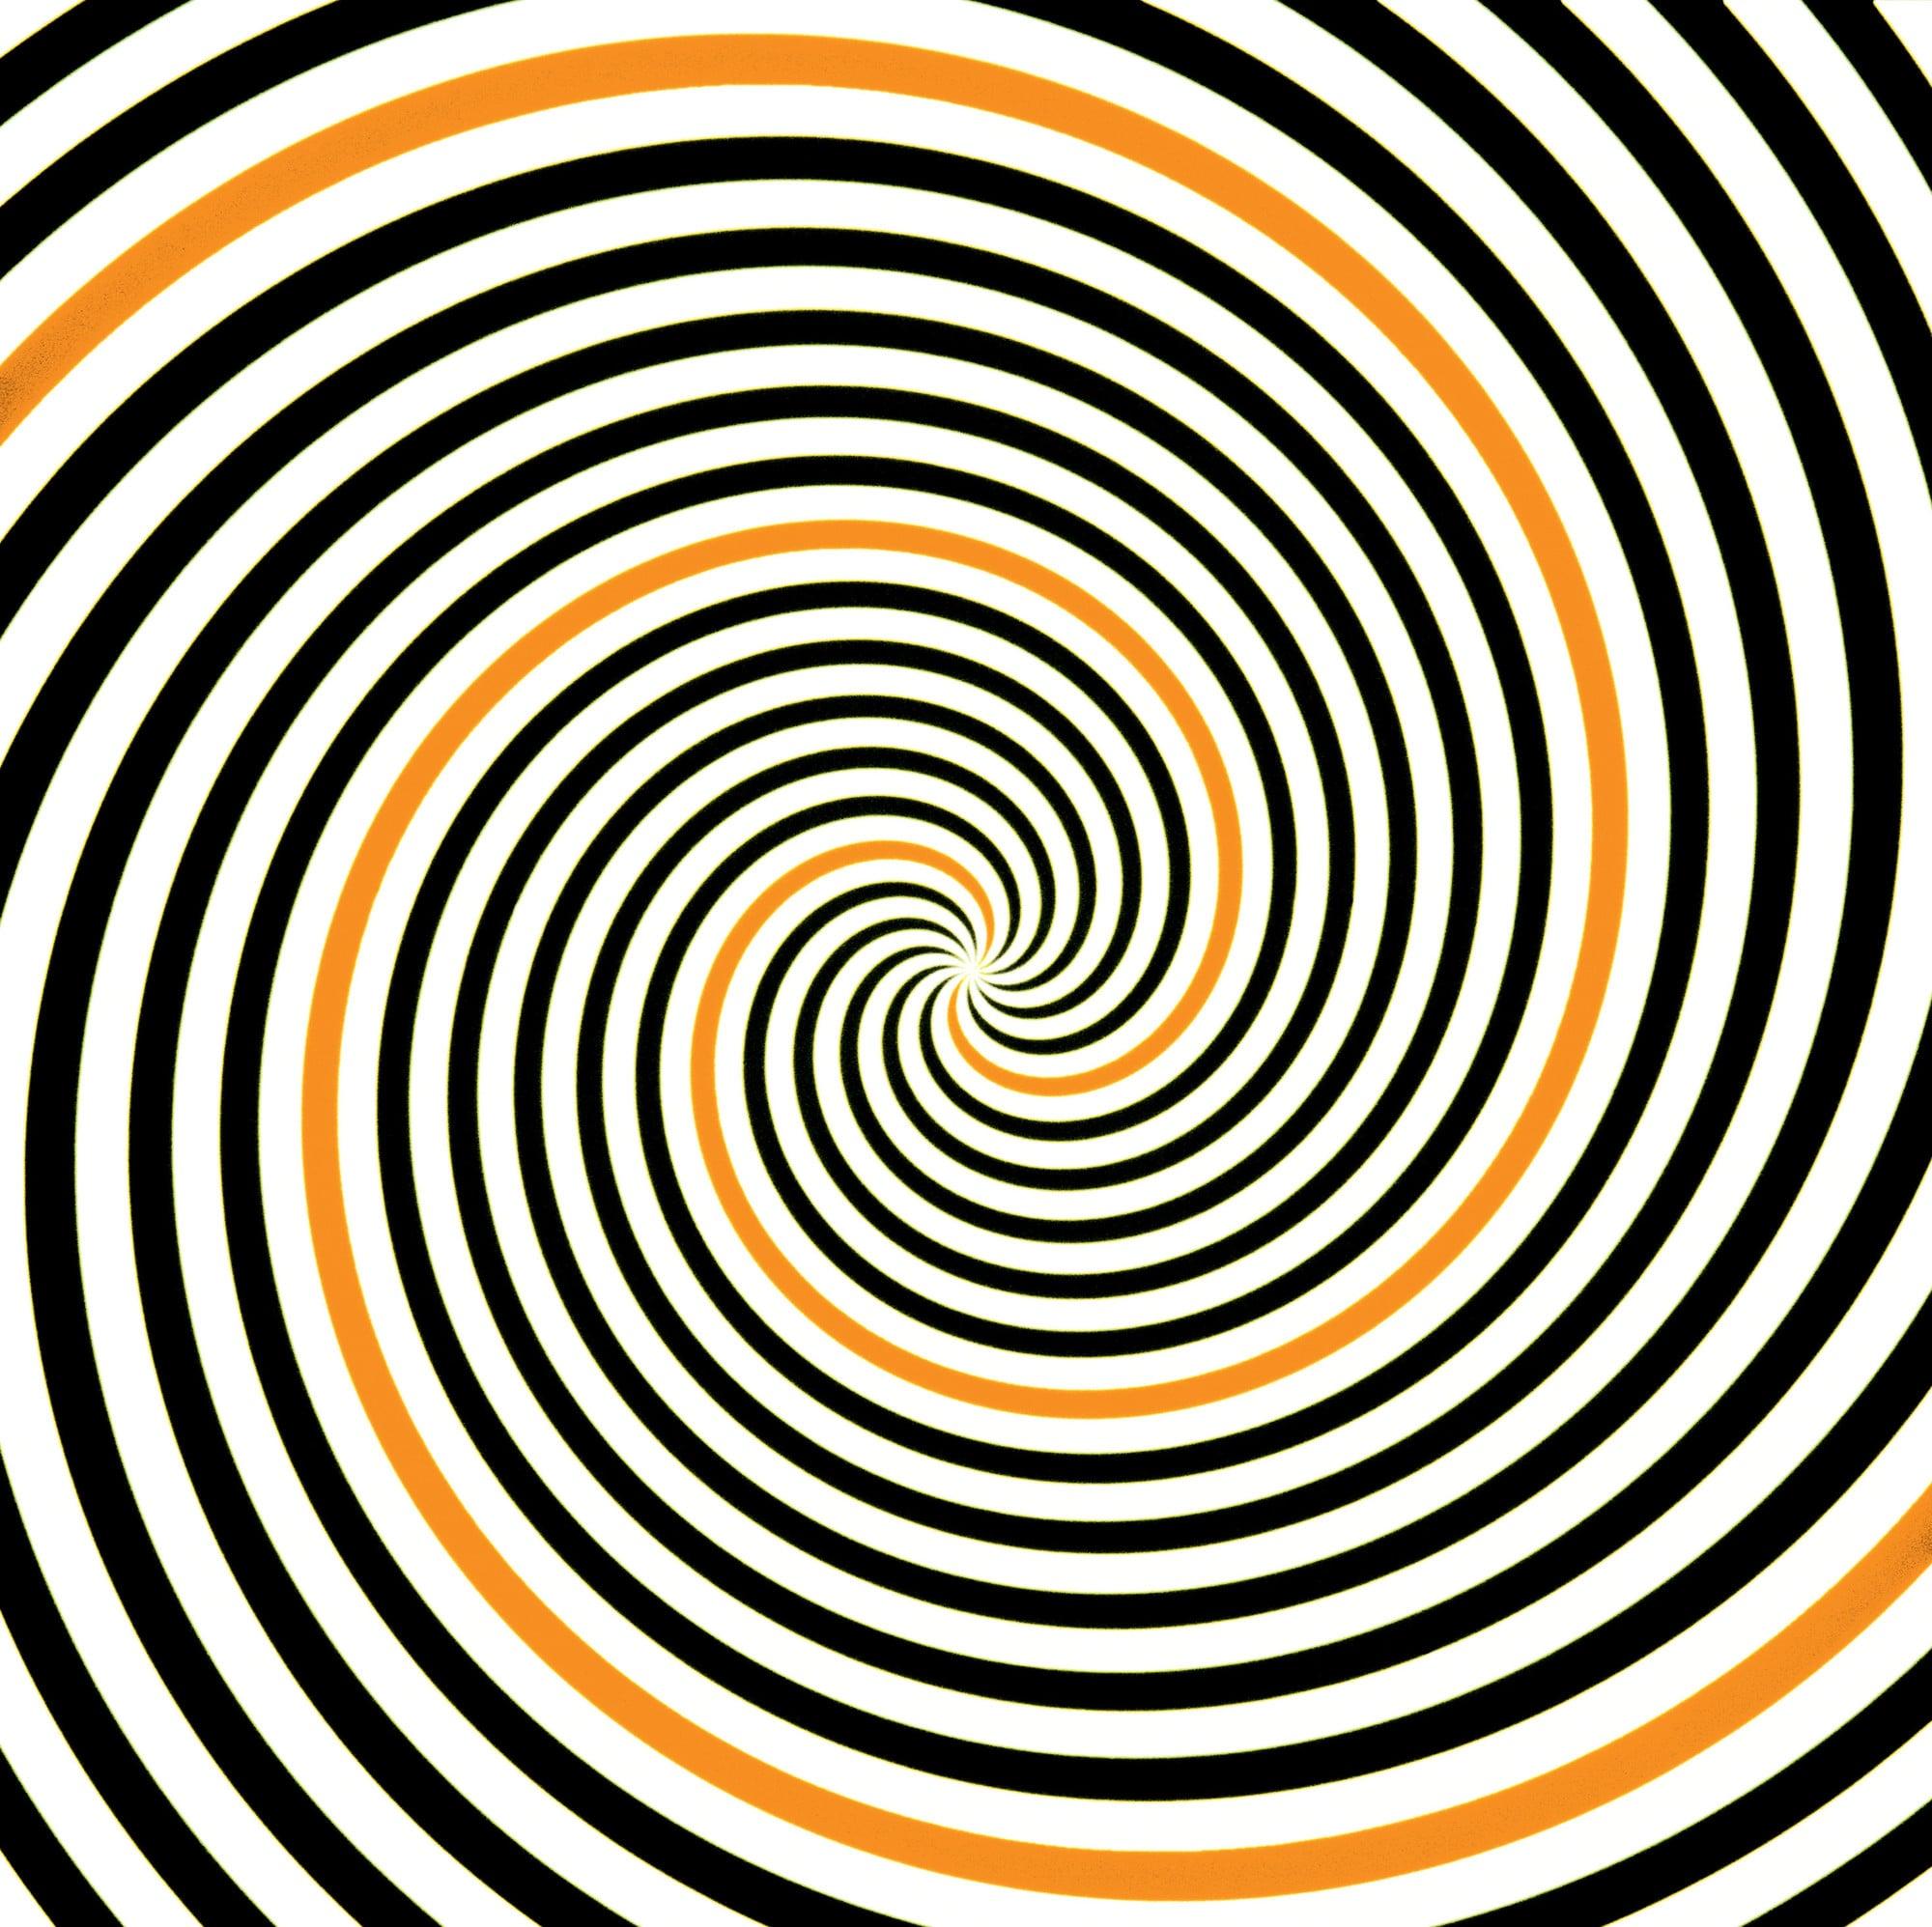 День леночка, прикольные картинки с гипнозом